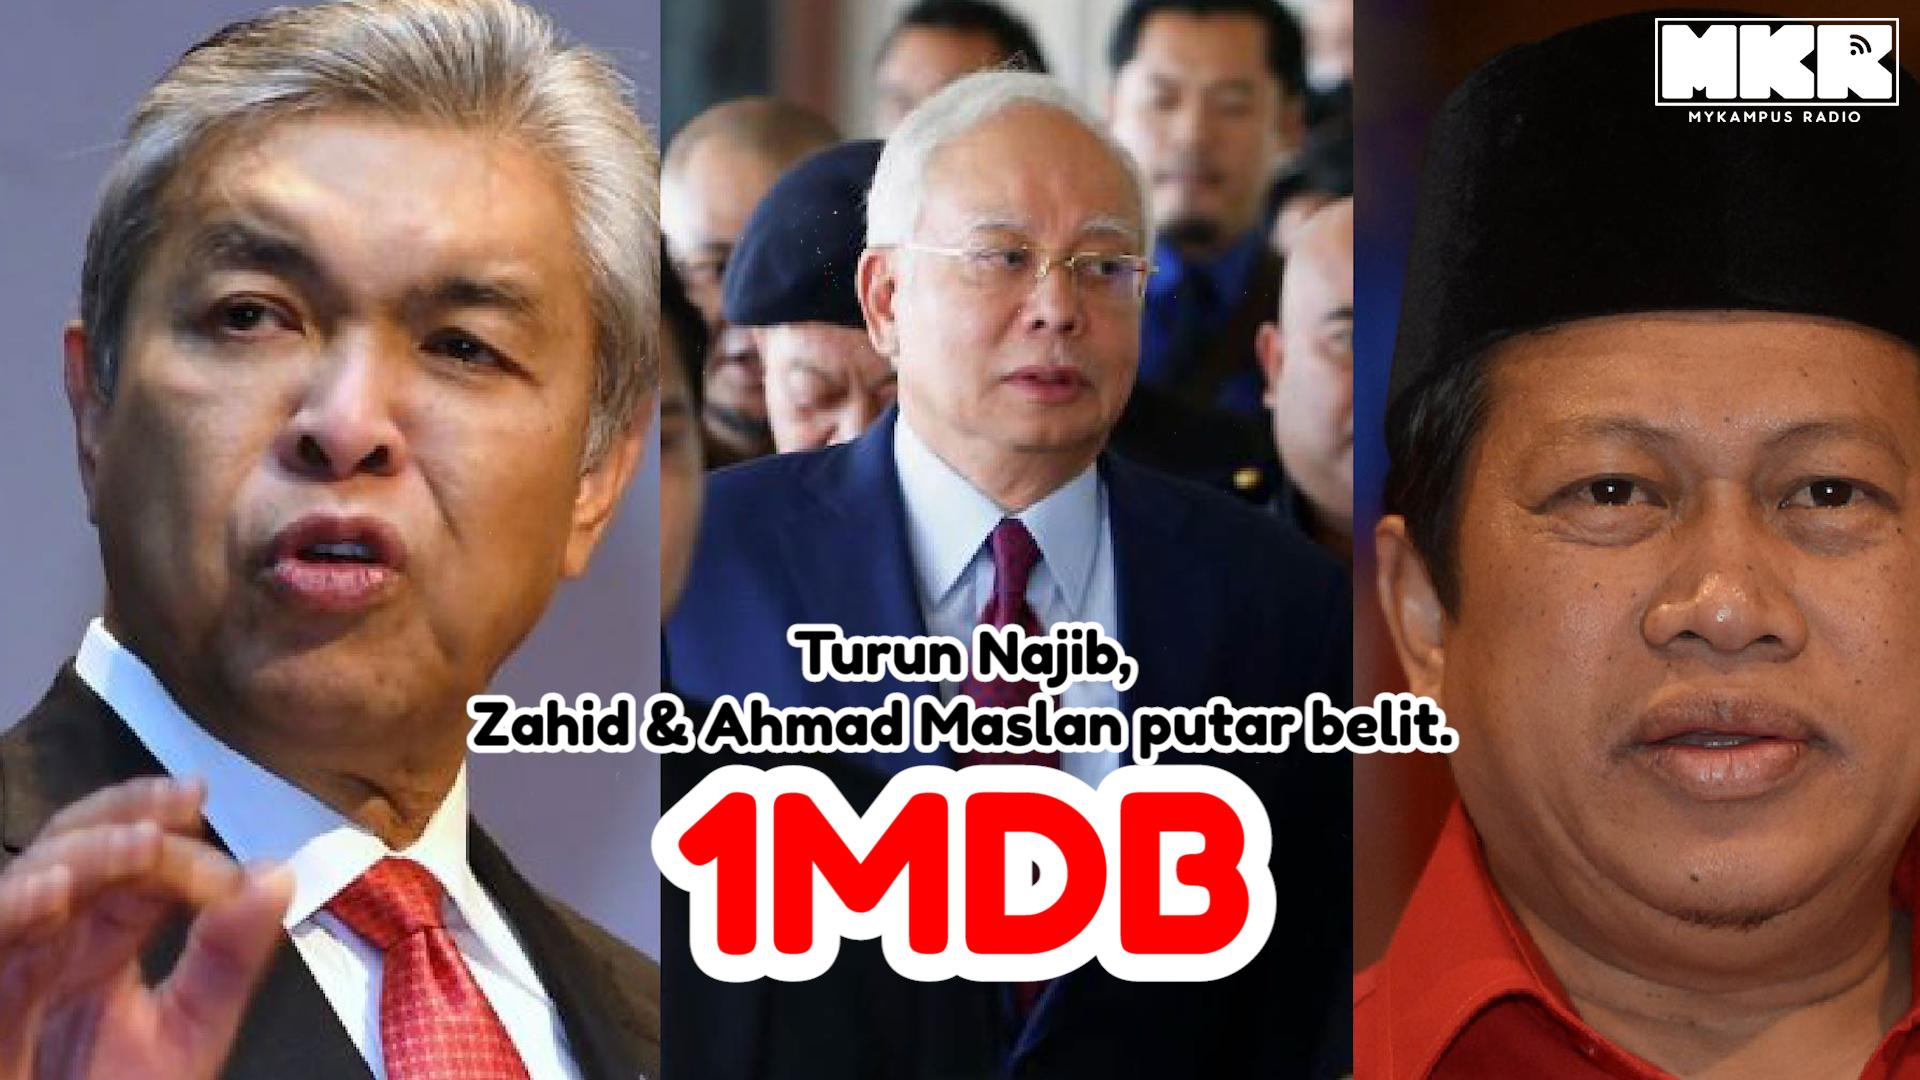 1MDB – Najib Razak